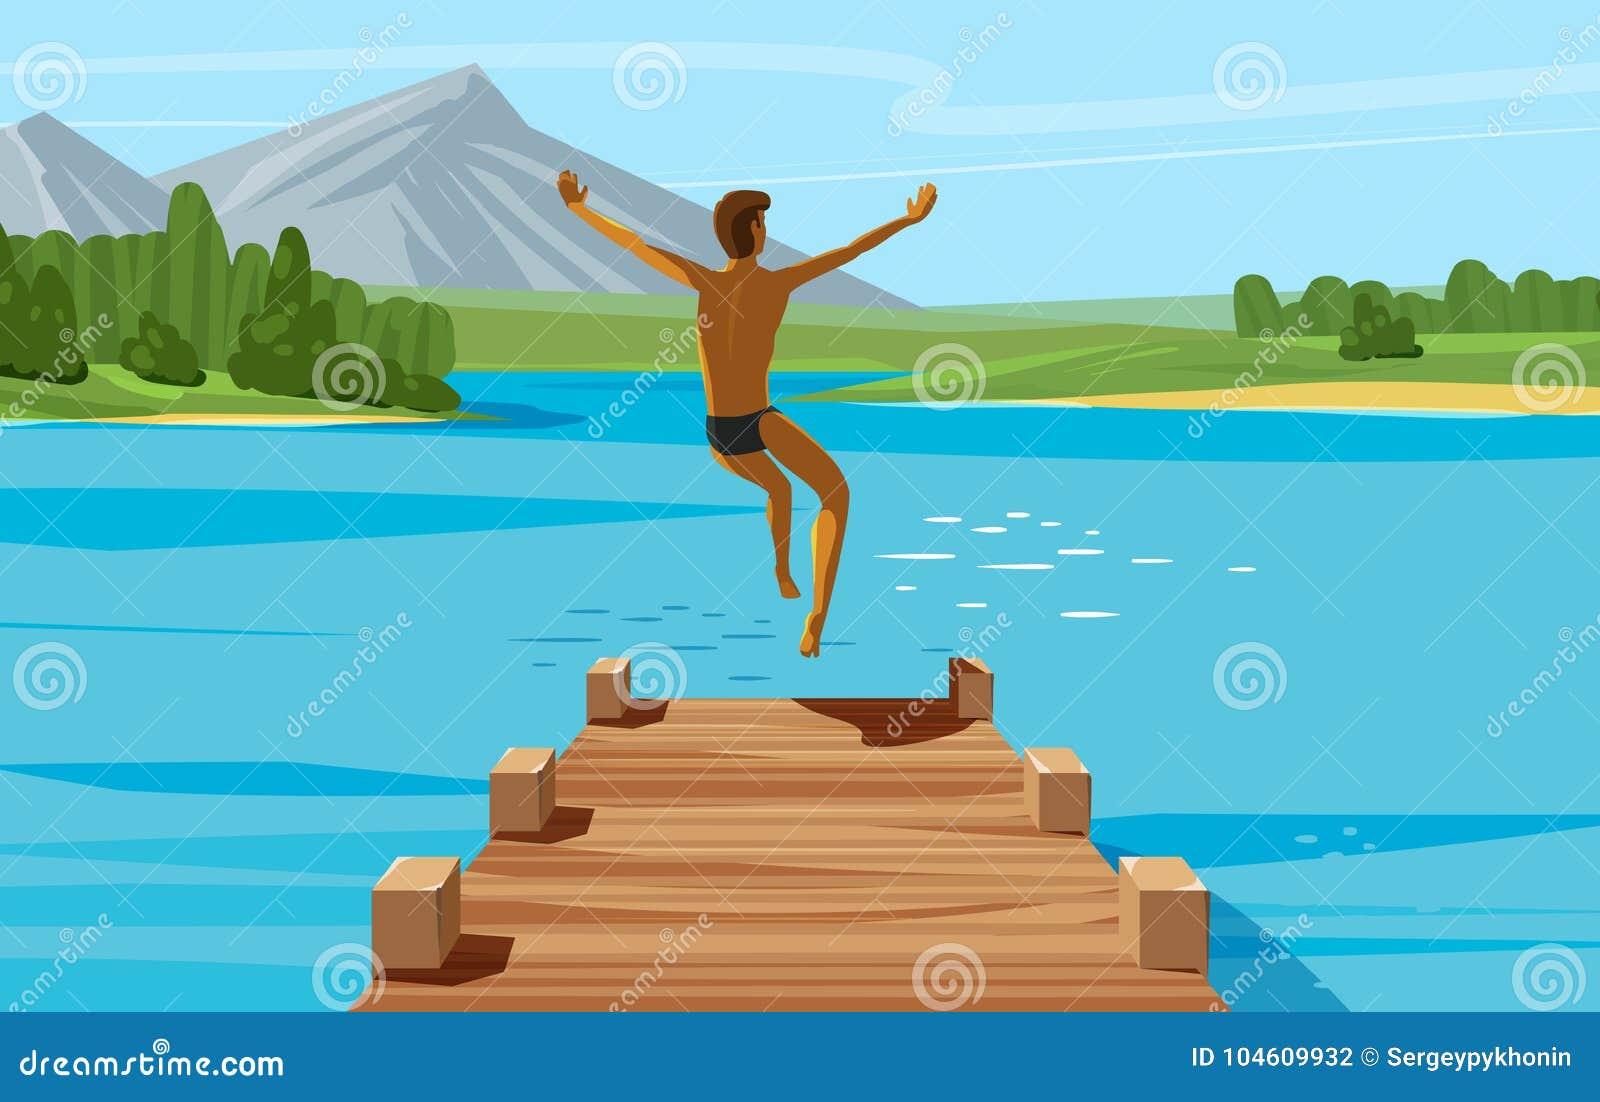 假期,周末,放松概念 跳进湖或水的年轻人 也corel凹道例证向量